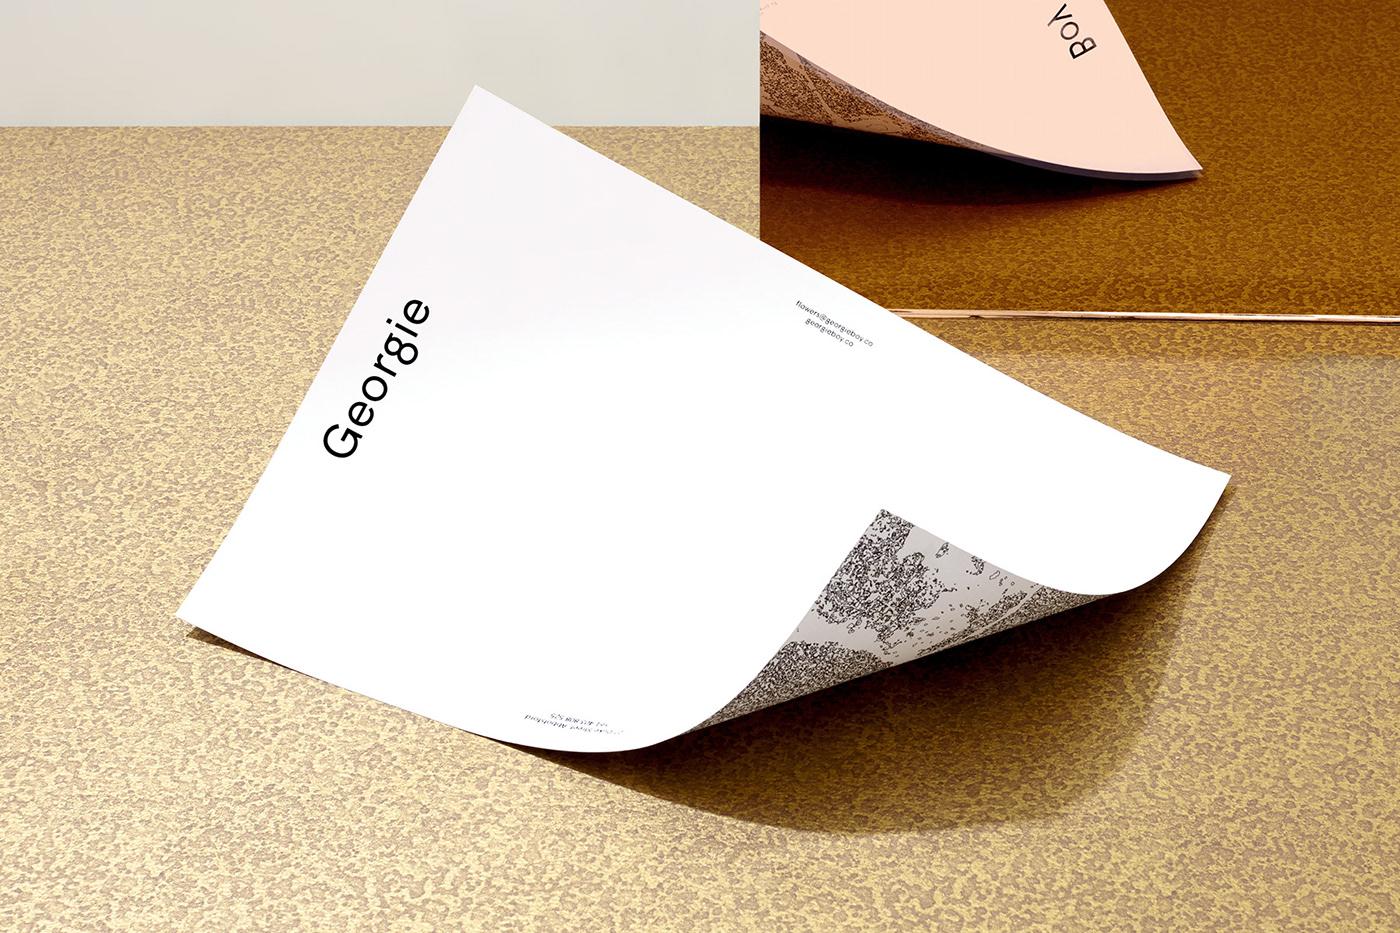 business card foil colorplan brown bronze florist Flowers graphic design  letterhead